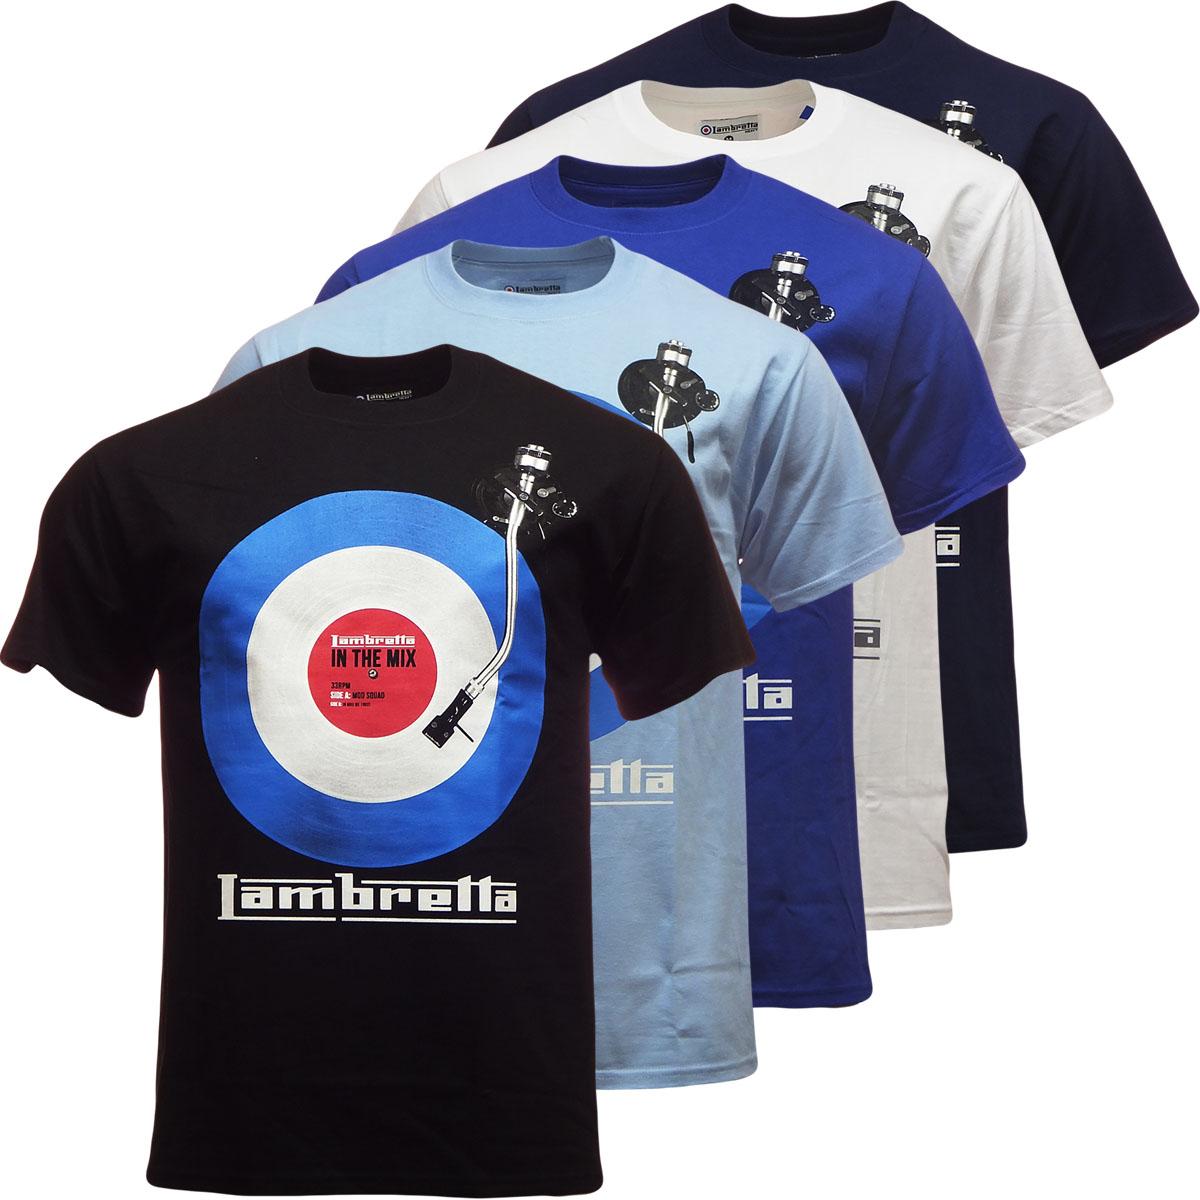 Mens lambretta t shirt 39 dj target 39 design s m l xl xxl Dj t shirt design